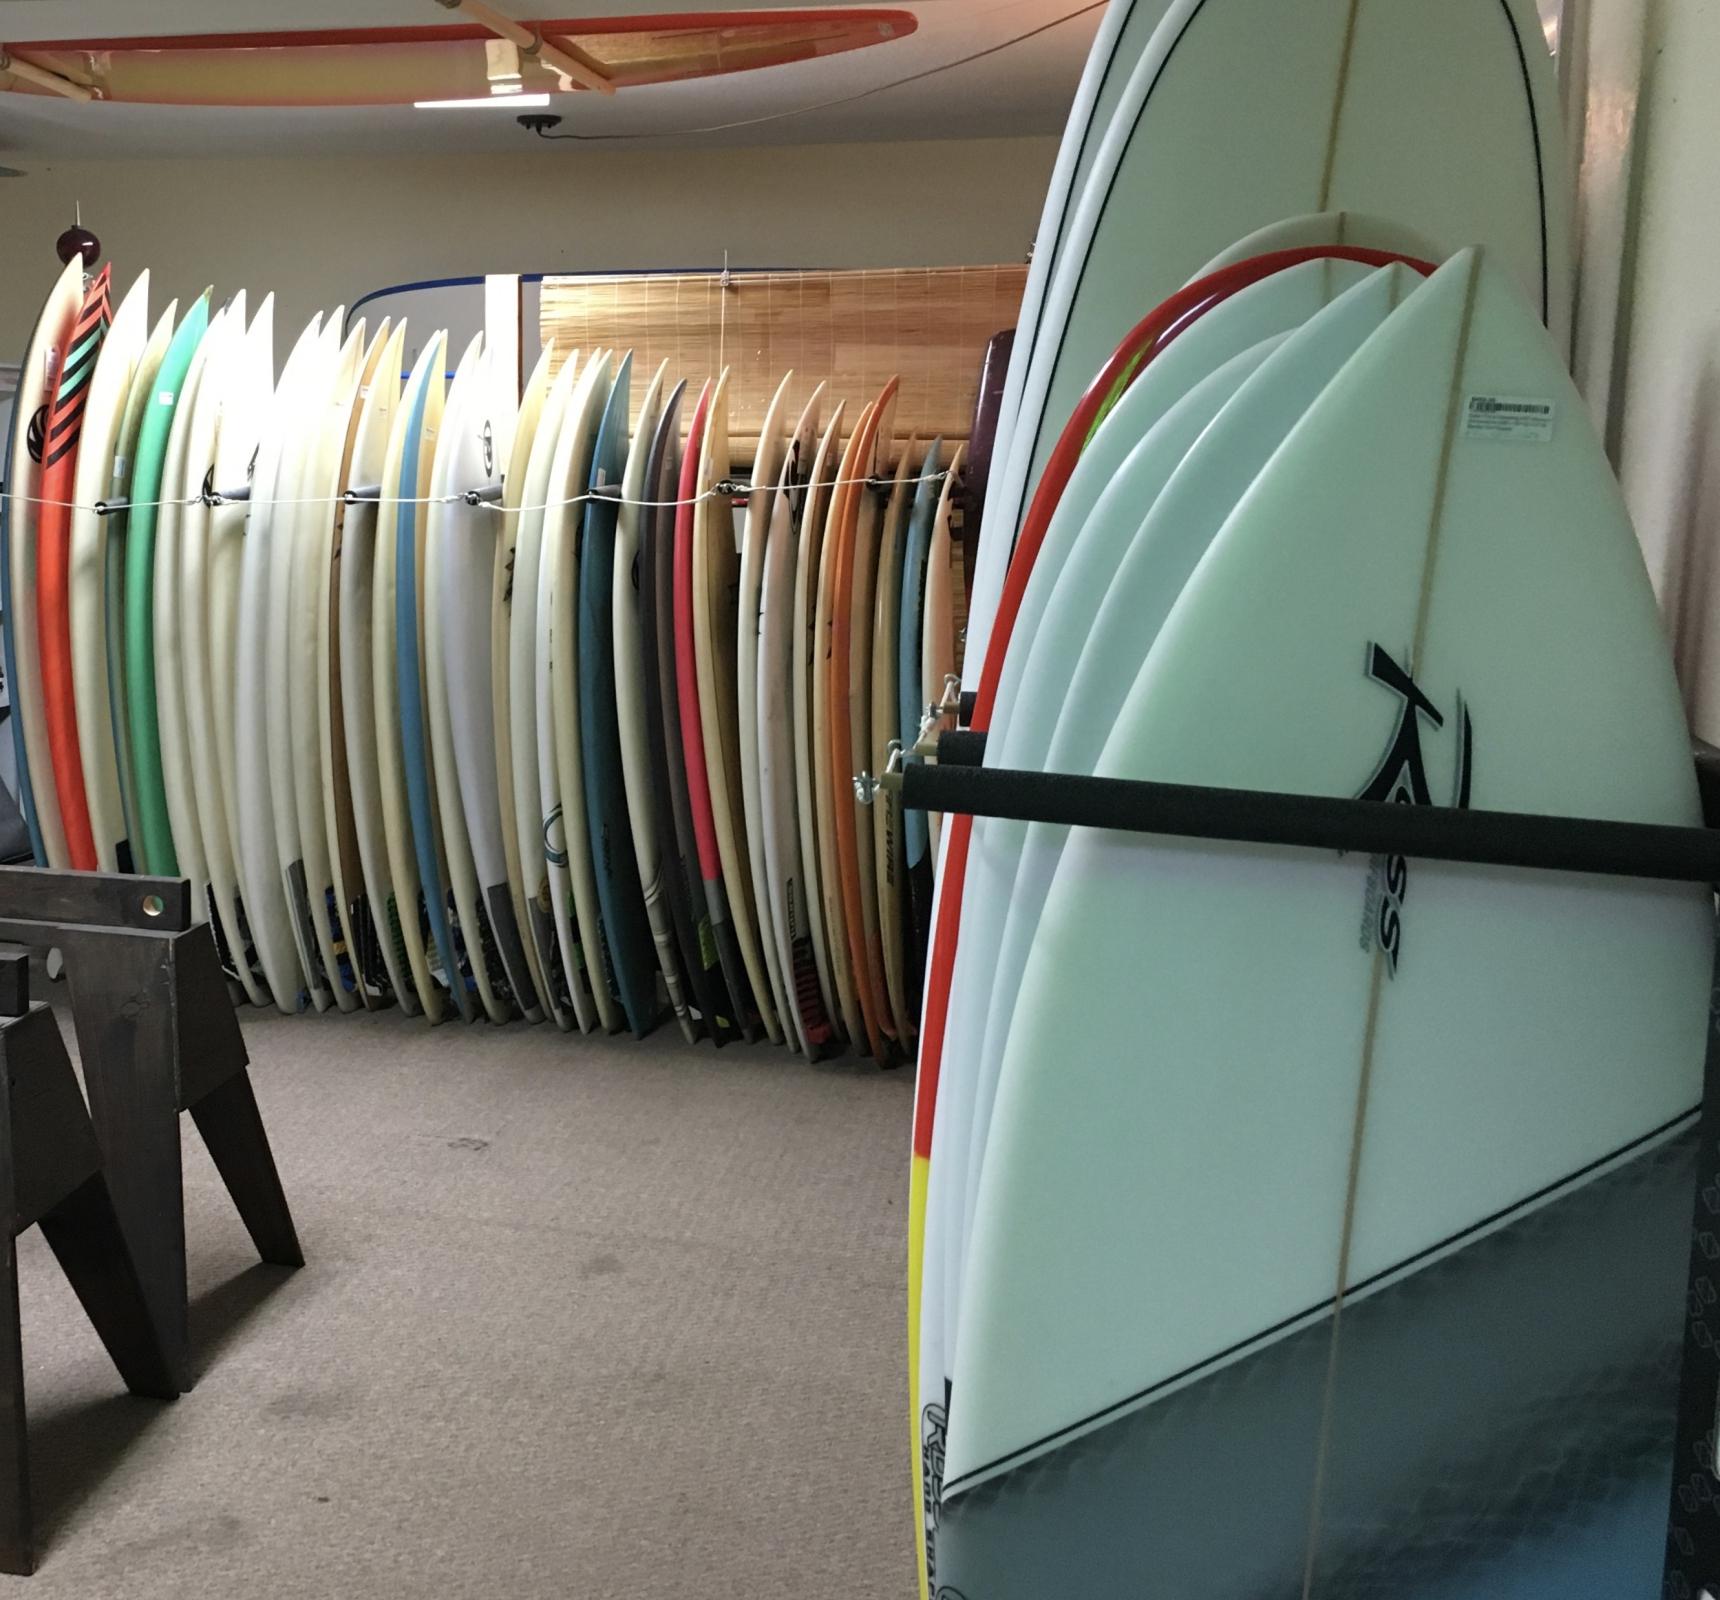 New Surfboard Room